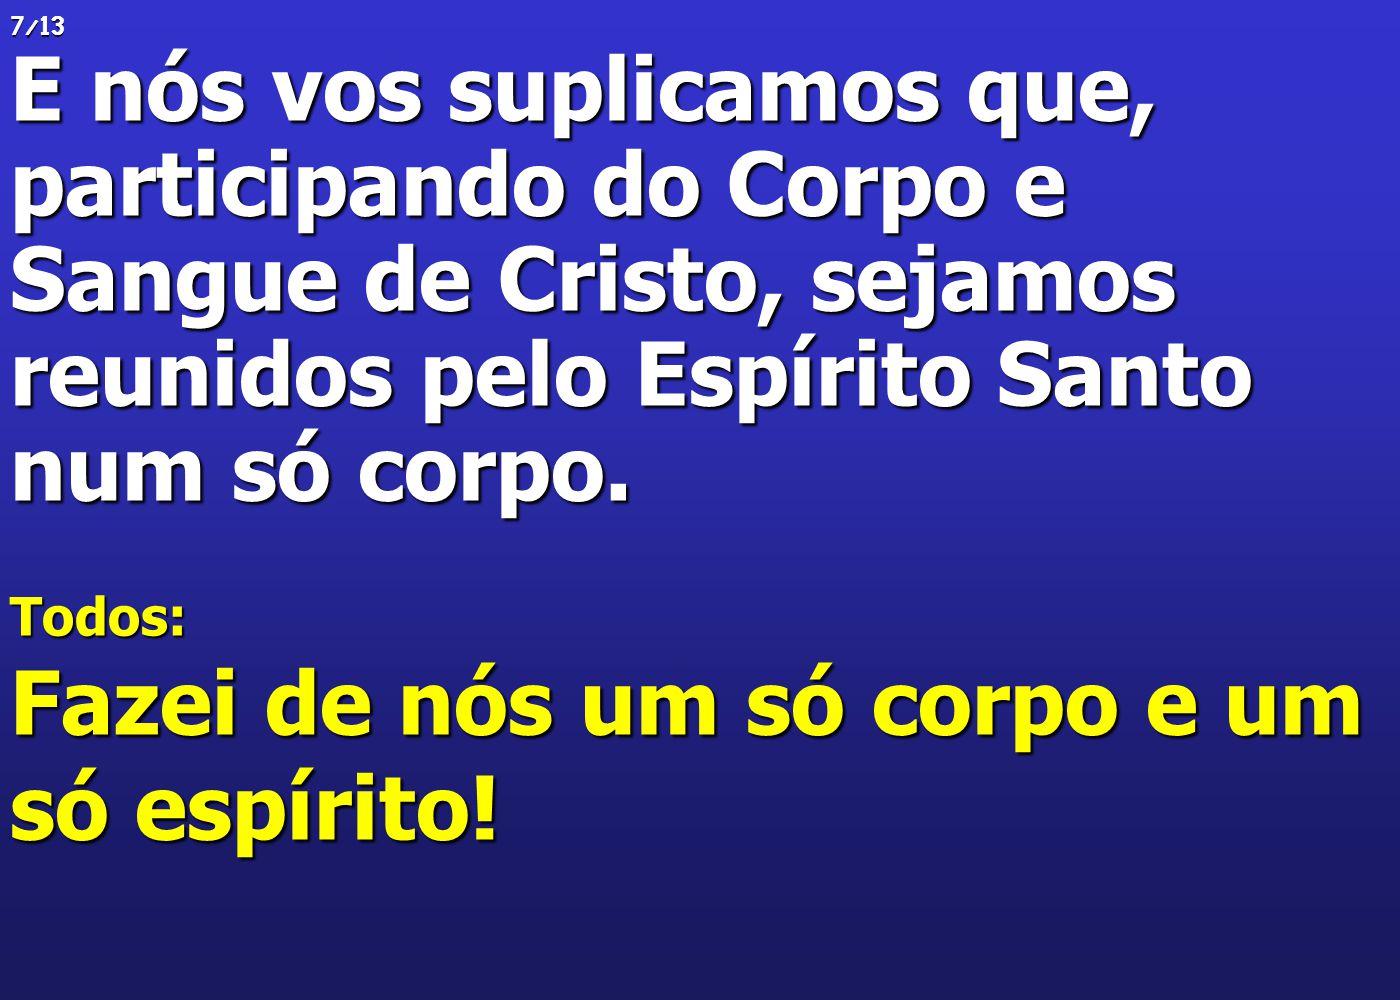 7/13 E nós vos suplicamos que, participando do Corpo e Sangue de Cristo, sejamos reunidos pelo Espírito Santo num só corpo. Todos: Fazei de nós um só